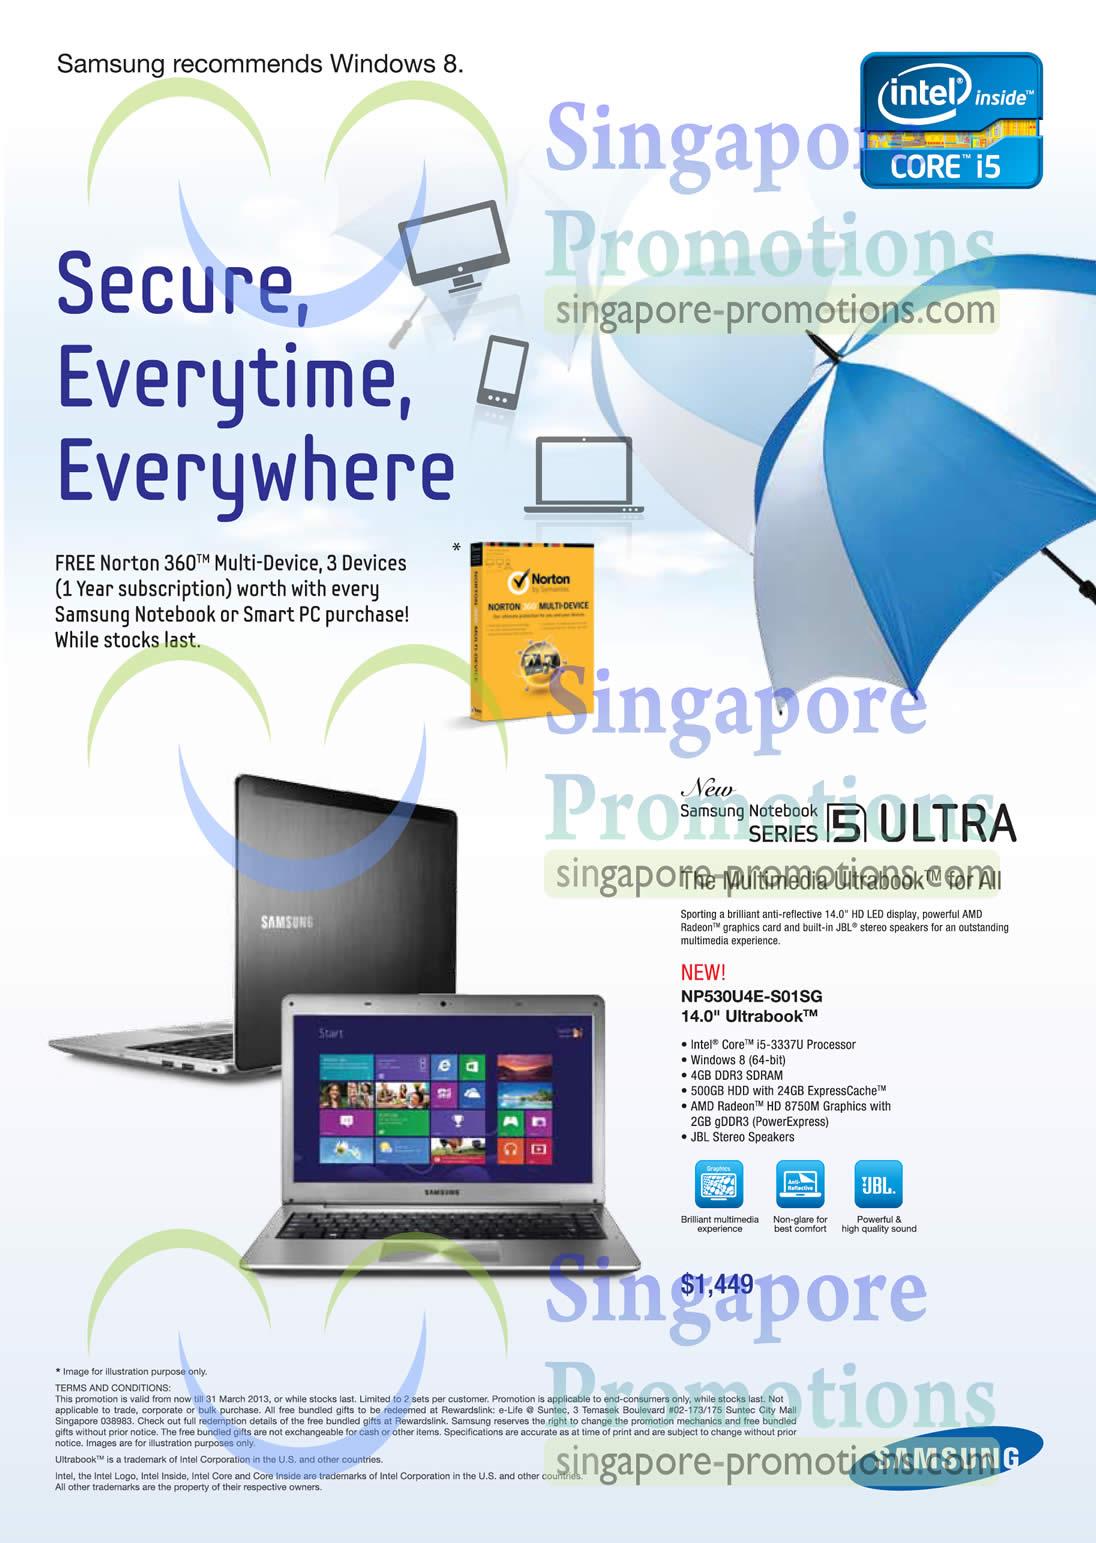 NP530U4E-S01SG 14.0 Ultrabook Notebook